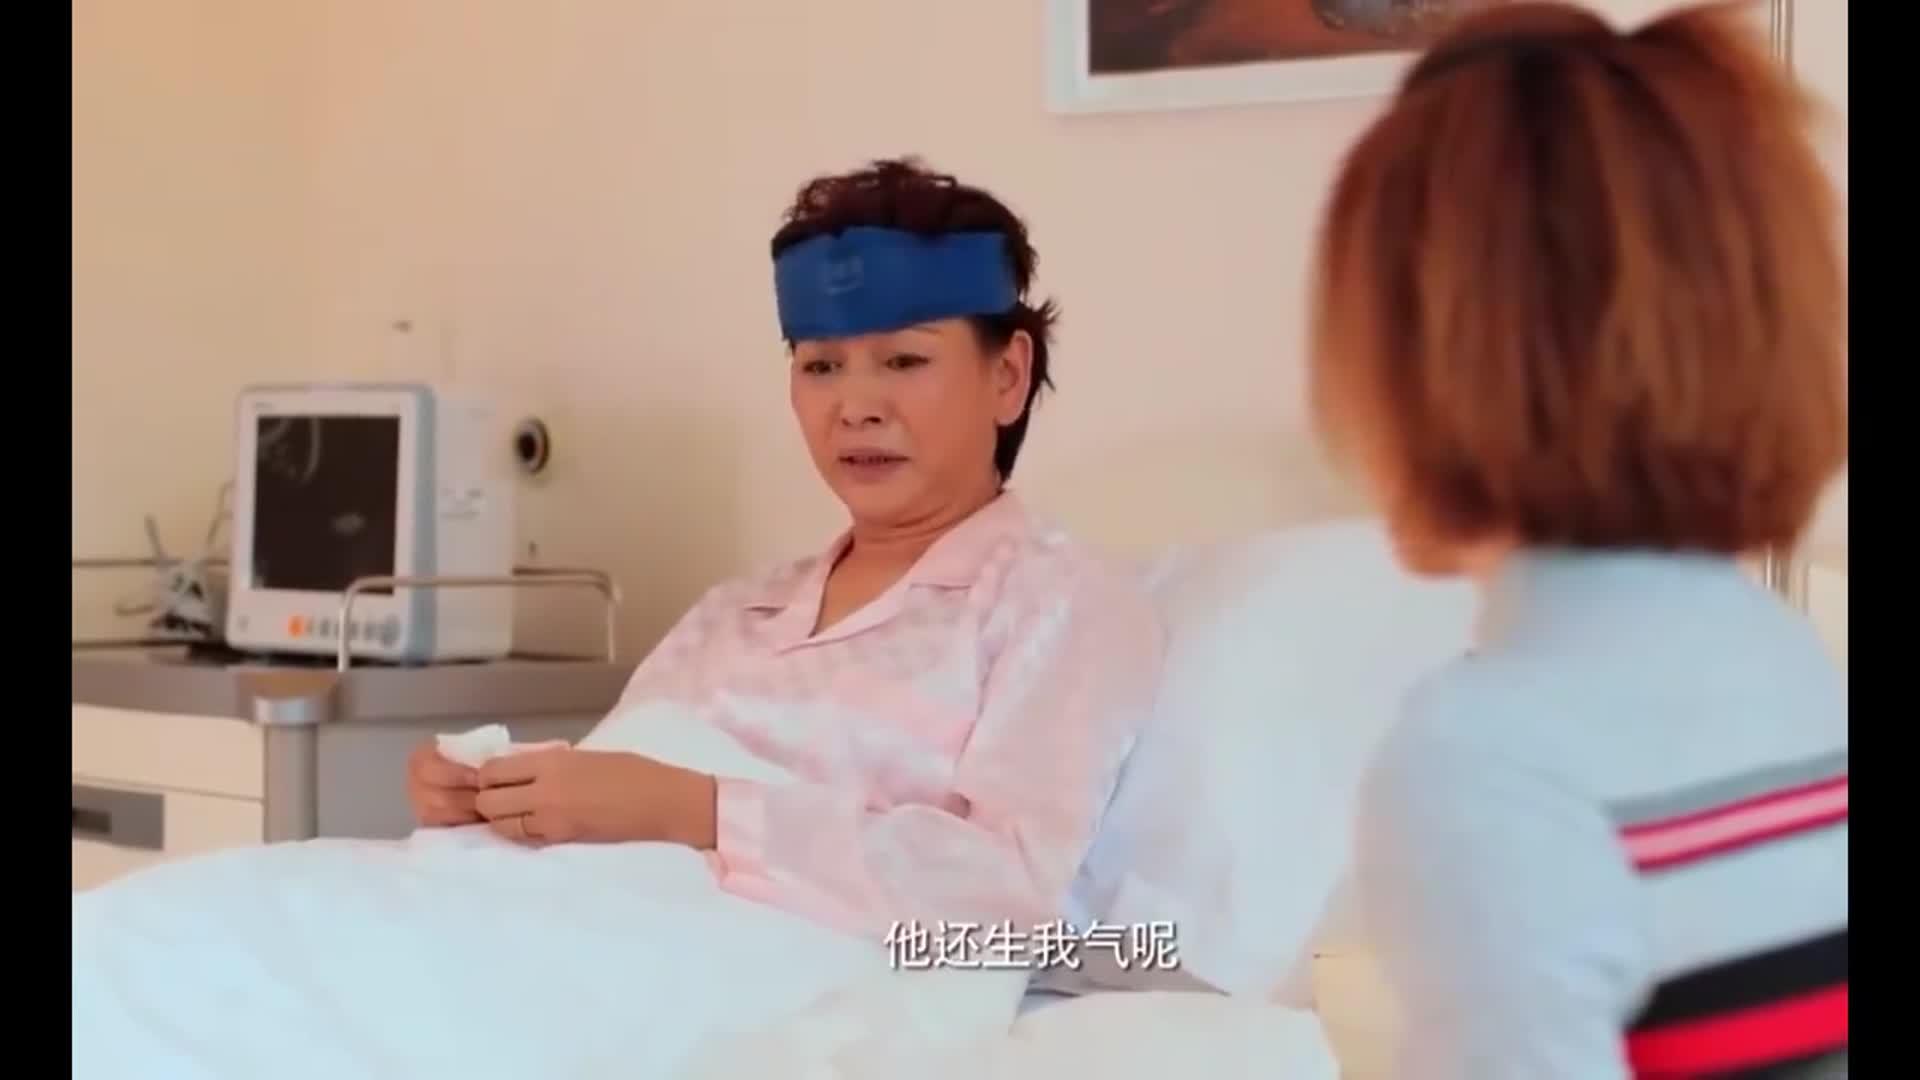 超级翁婿:老妈含辛茹苦这么多年,儿子不孝顺,妈妈很痛心